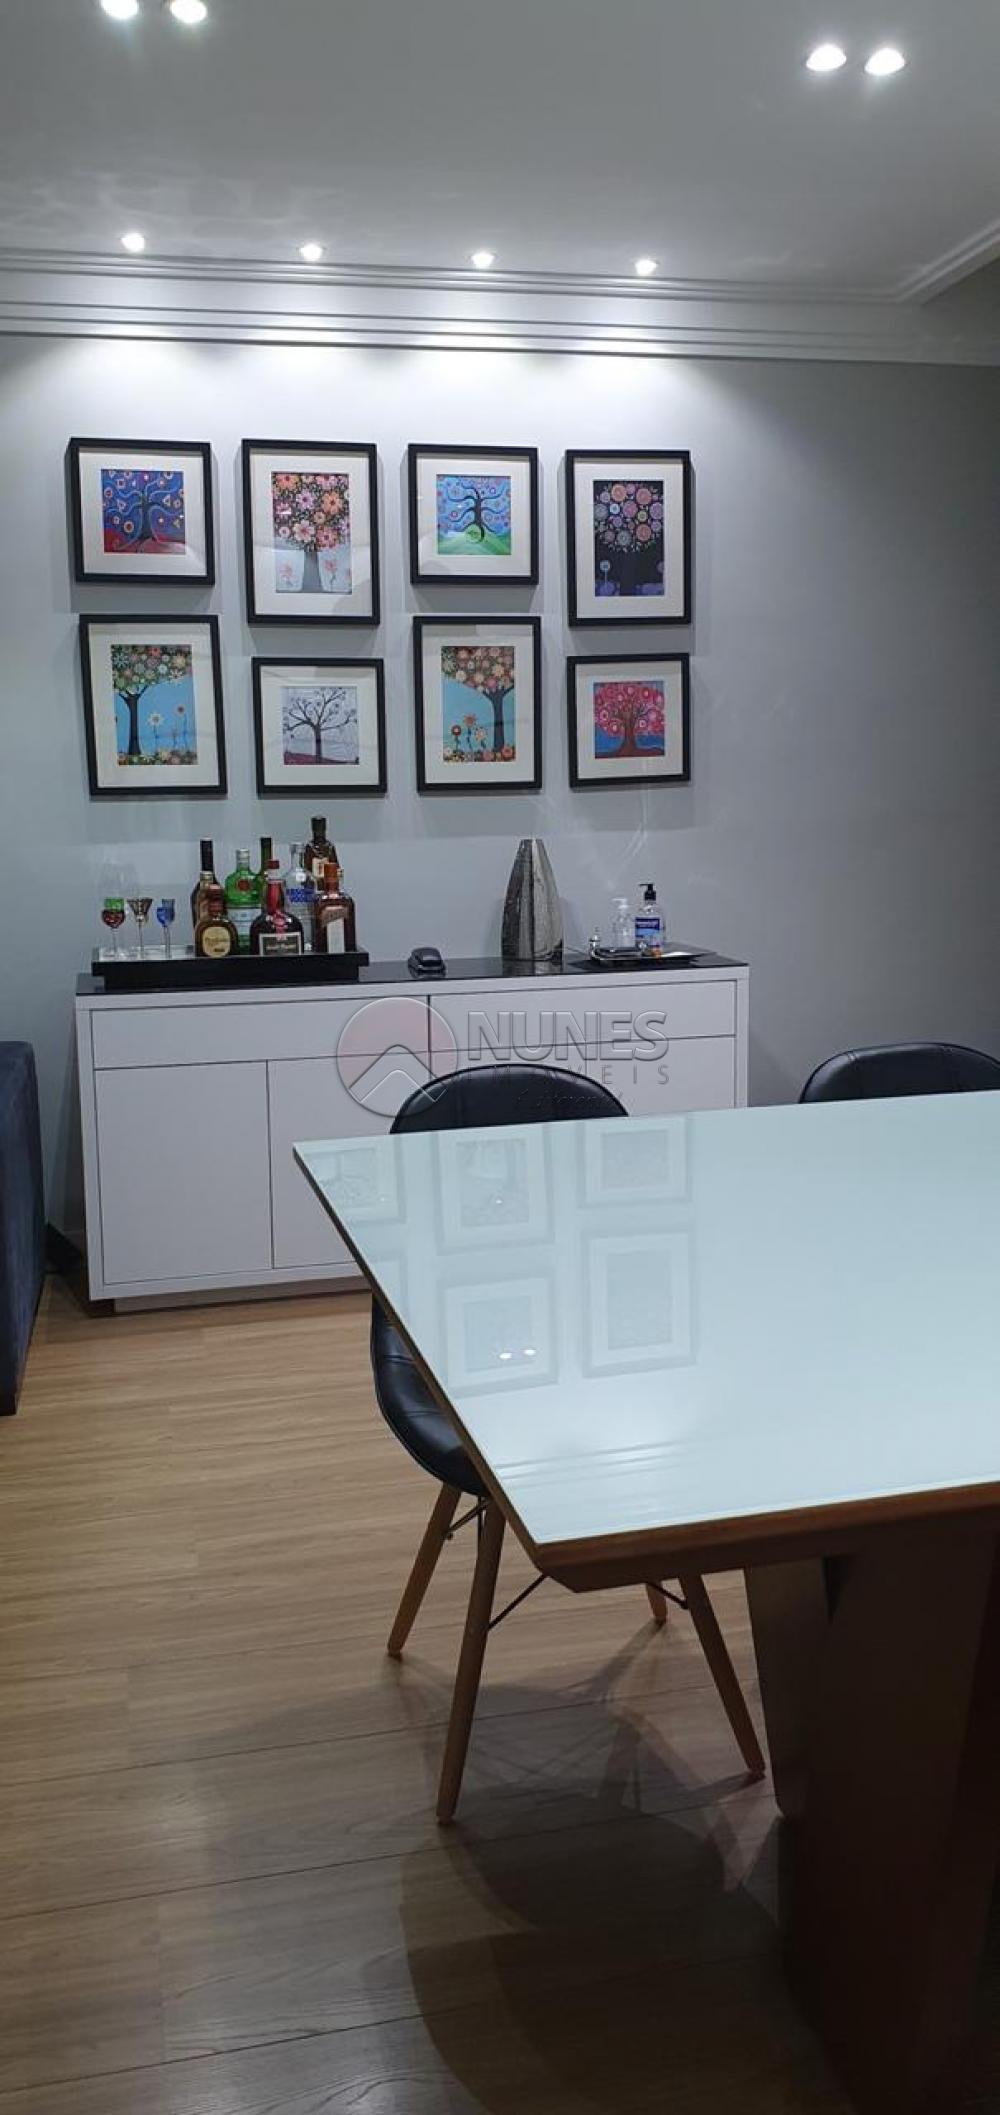 Comprar Apartamento / Padrão em São Paulo apenas R$ 405.000,00 - Foto 4